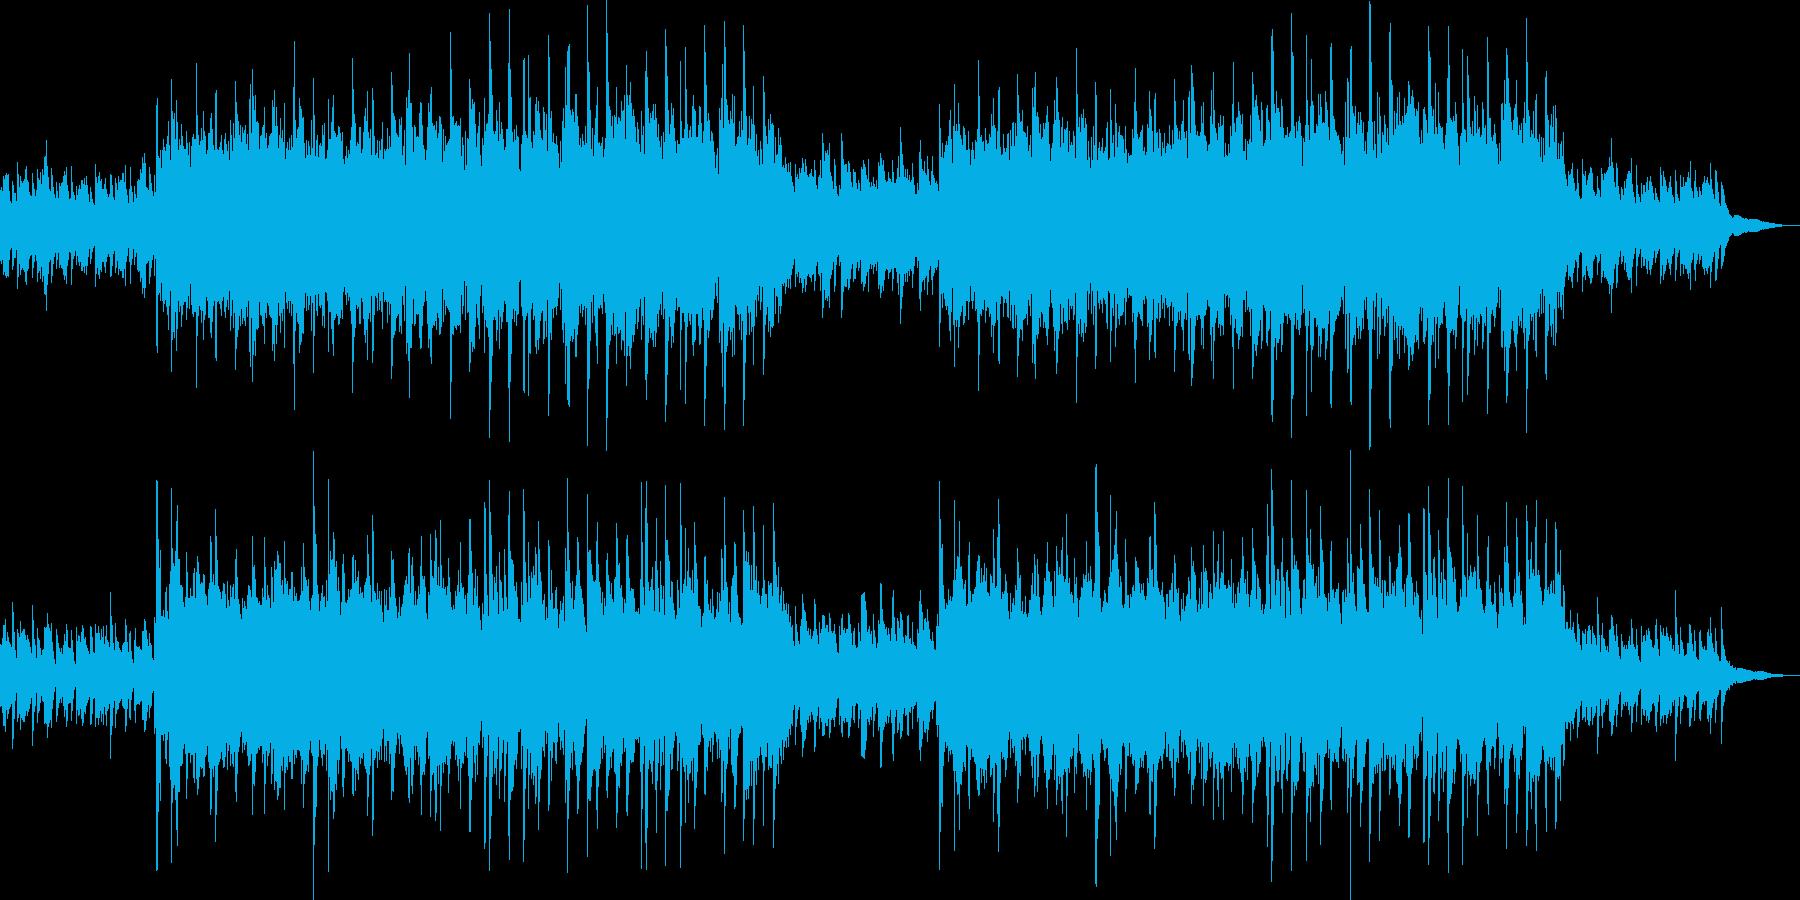 ピアノとストリングスの爽やかなポップの再生済みの波形